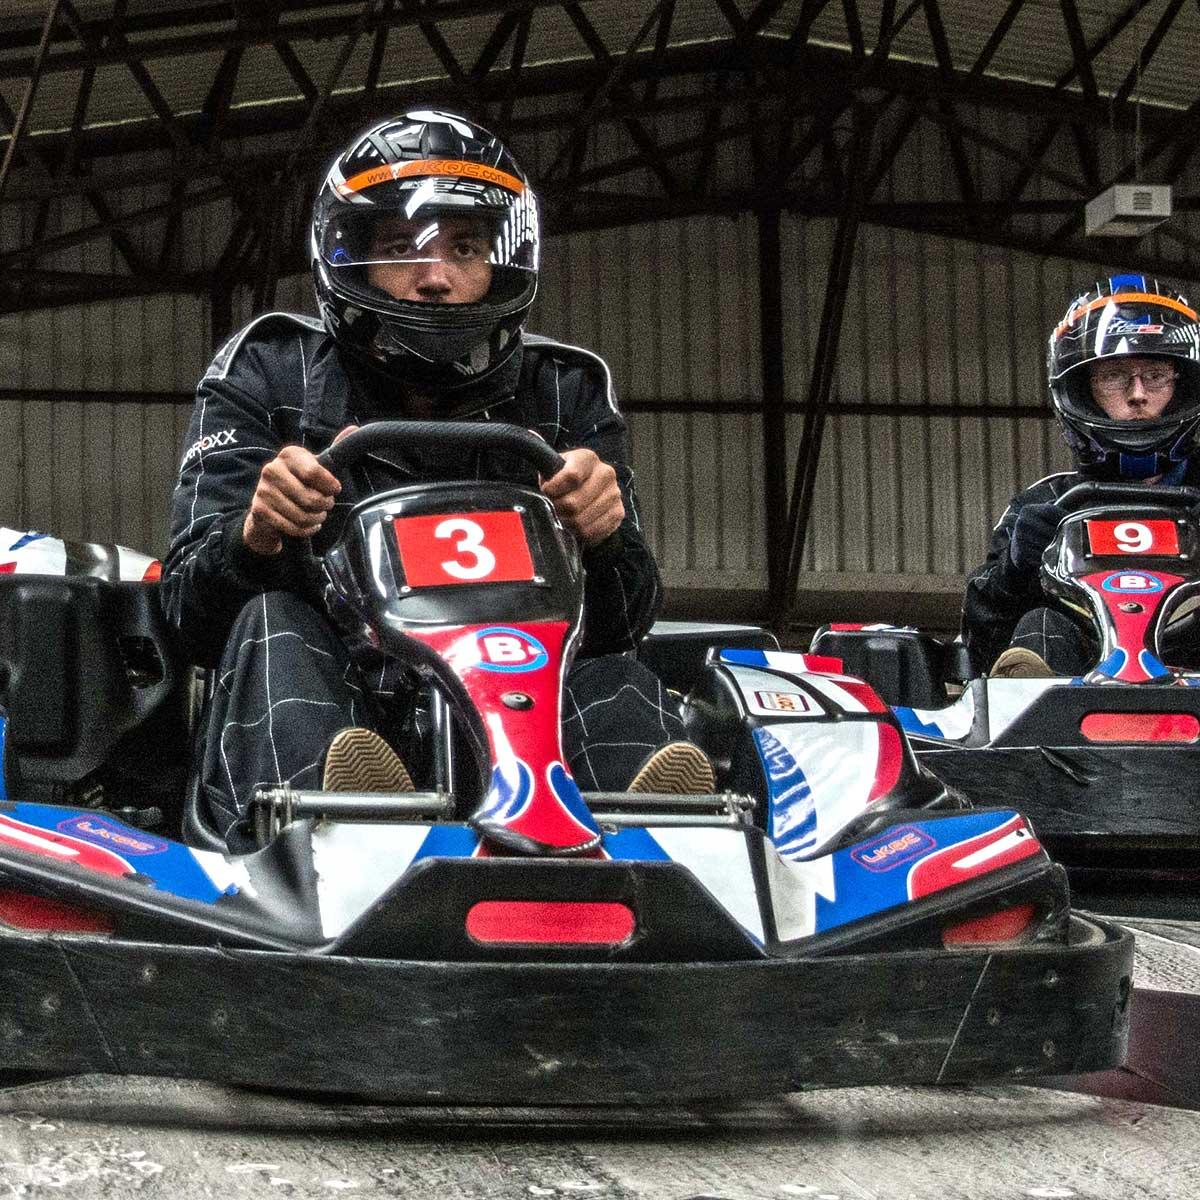 Indoor go karting in Birmingham